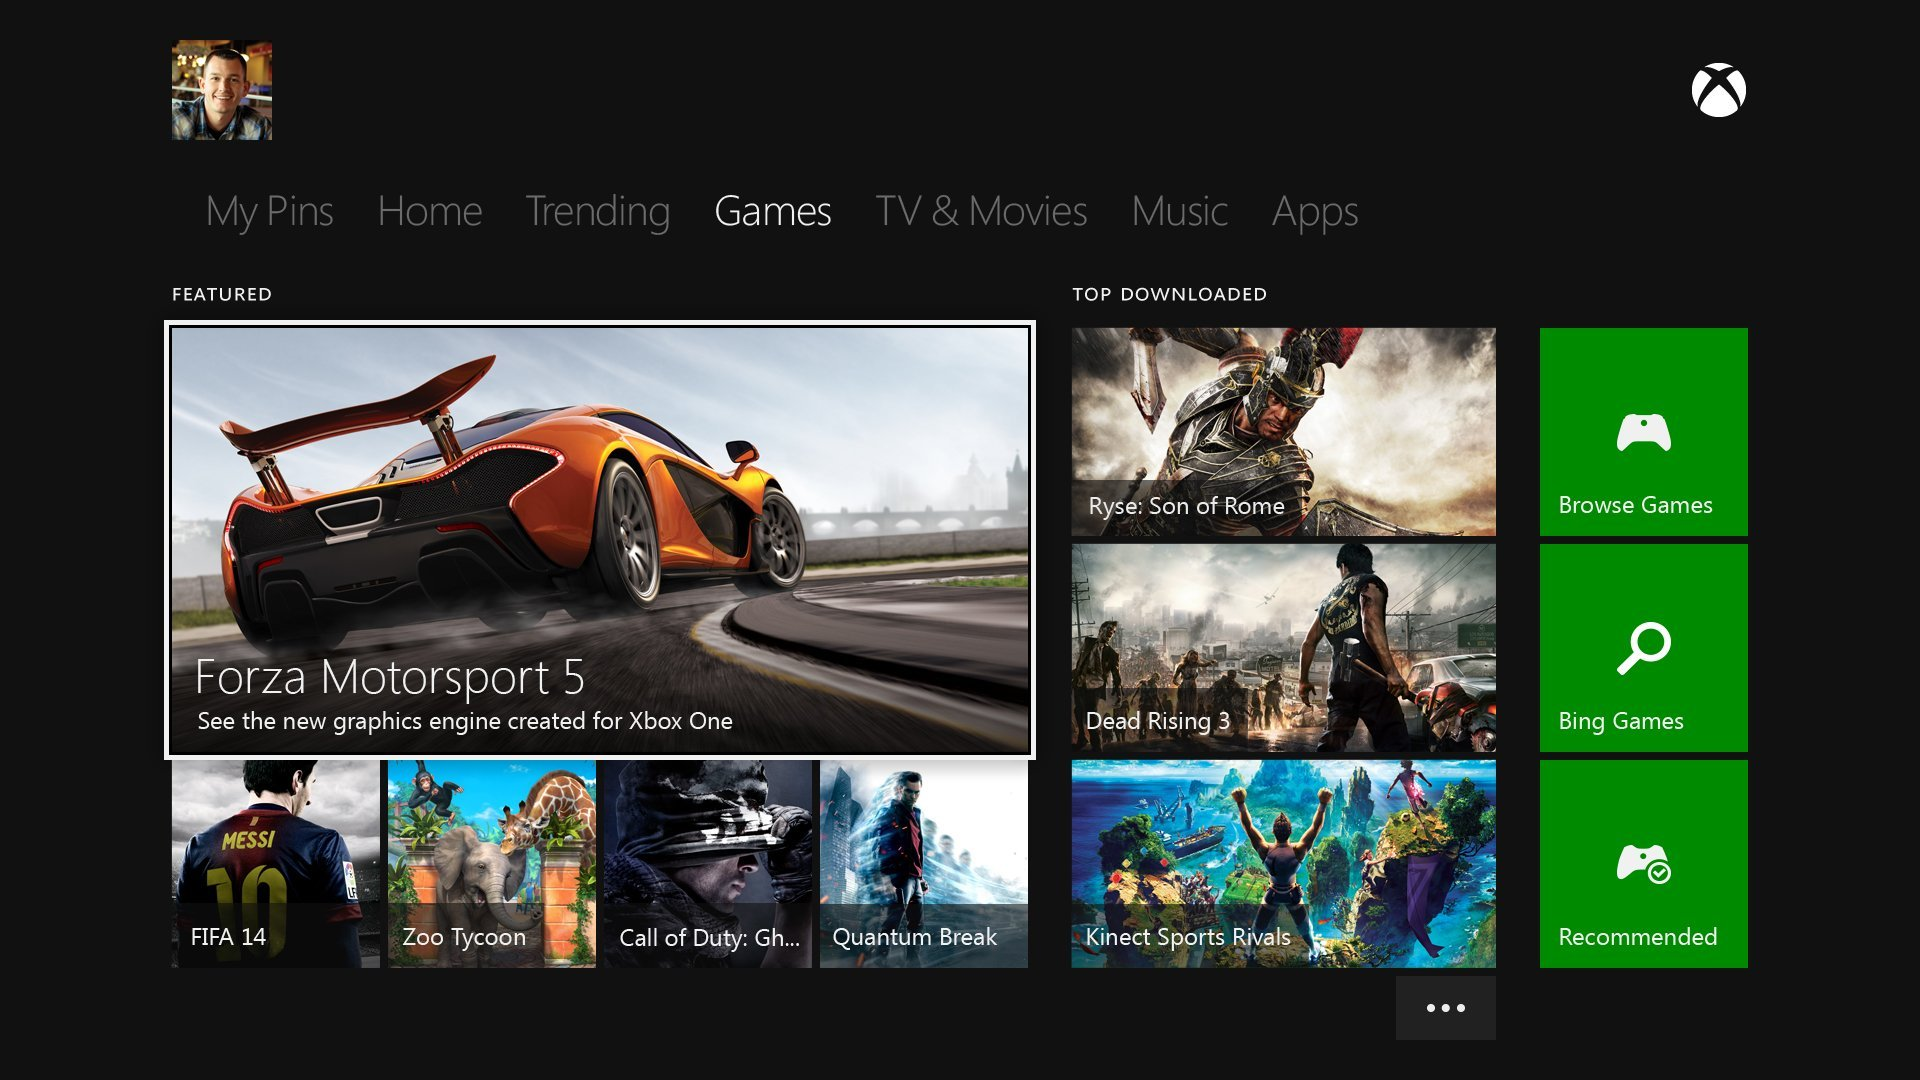 Xbox Oneではゲーム以外にもあらゆるサービスにアクセスすることができる。ただ、特に映像配信サービスは国毎に権利が異なるため、その都度権利を撮り直す必要がある。北米版で提供されるNFLのライブTVに変わるコンテンツが獲得できるまでは日本で発売できない、という判断なのだろう